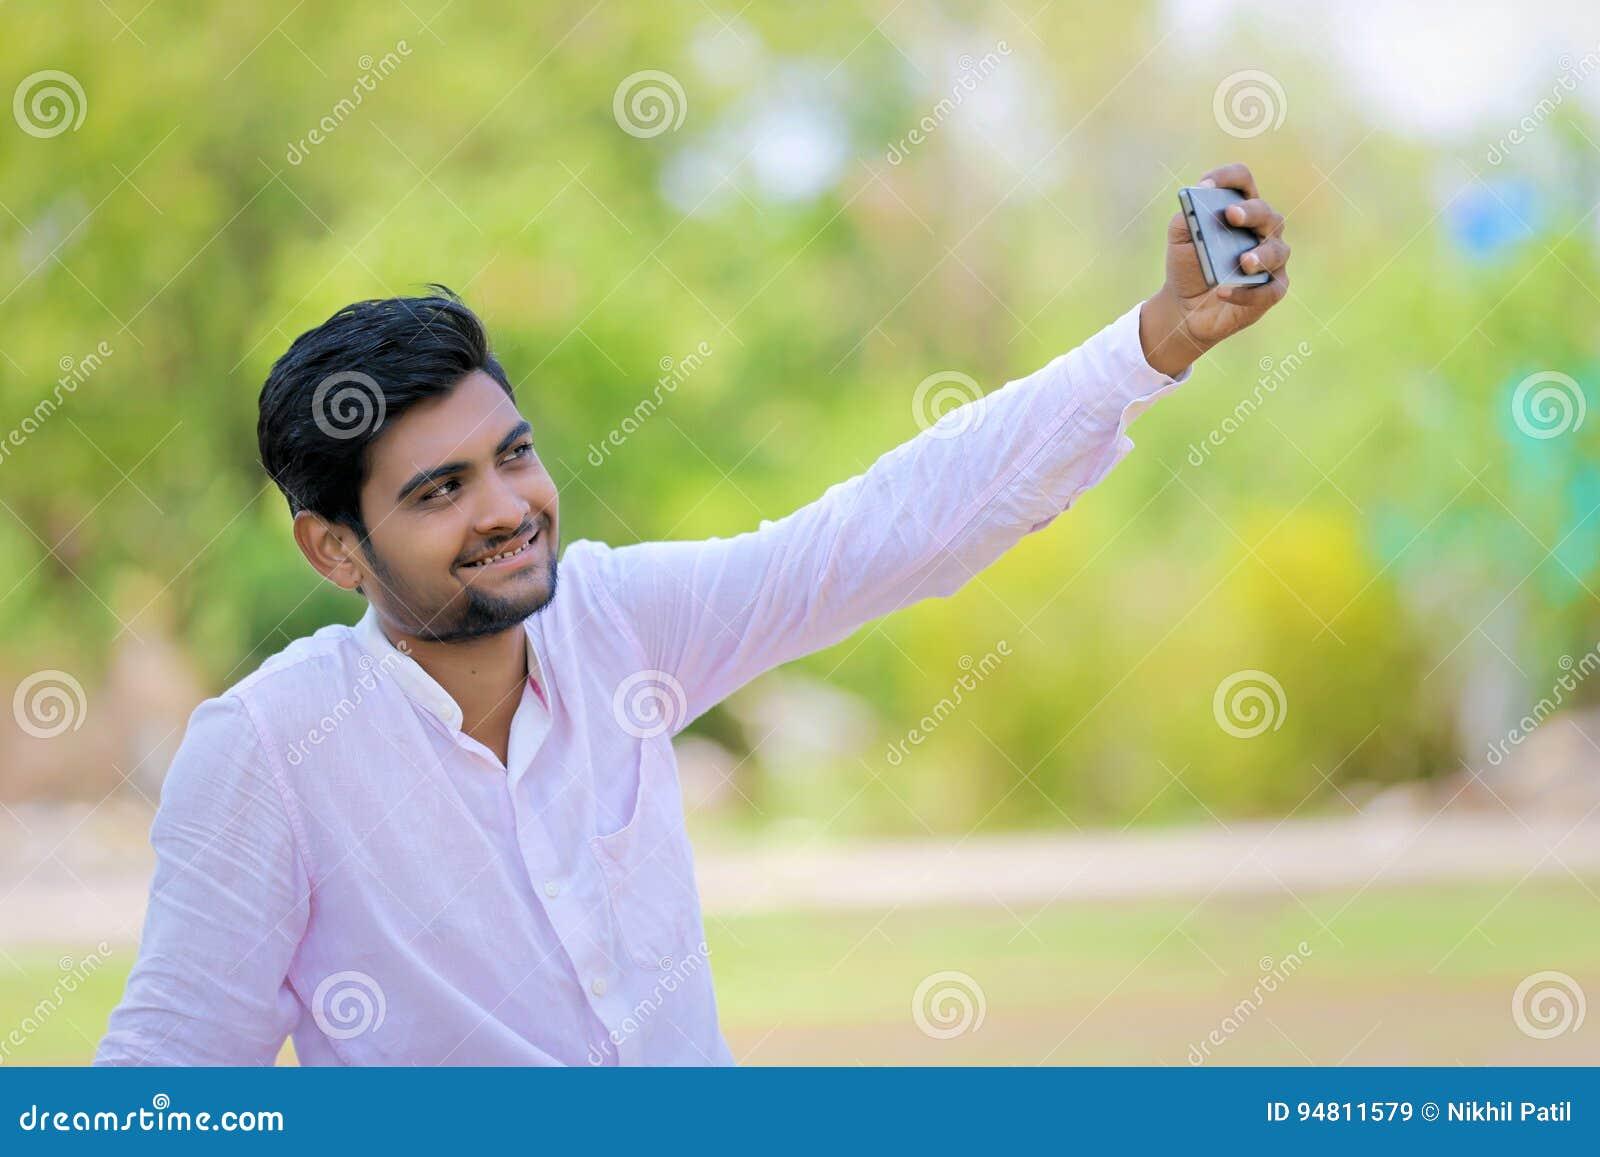 Το ινδικό άτομο χτυπά selfie με κινητό